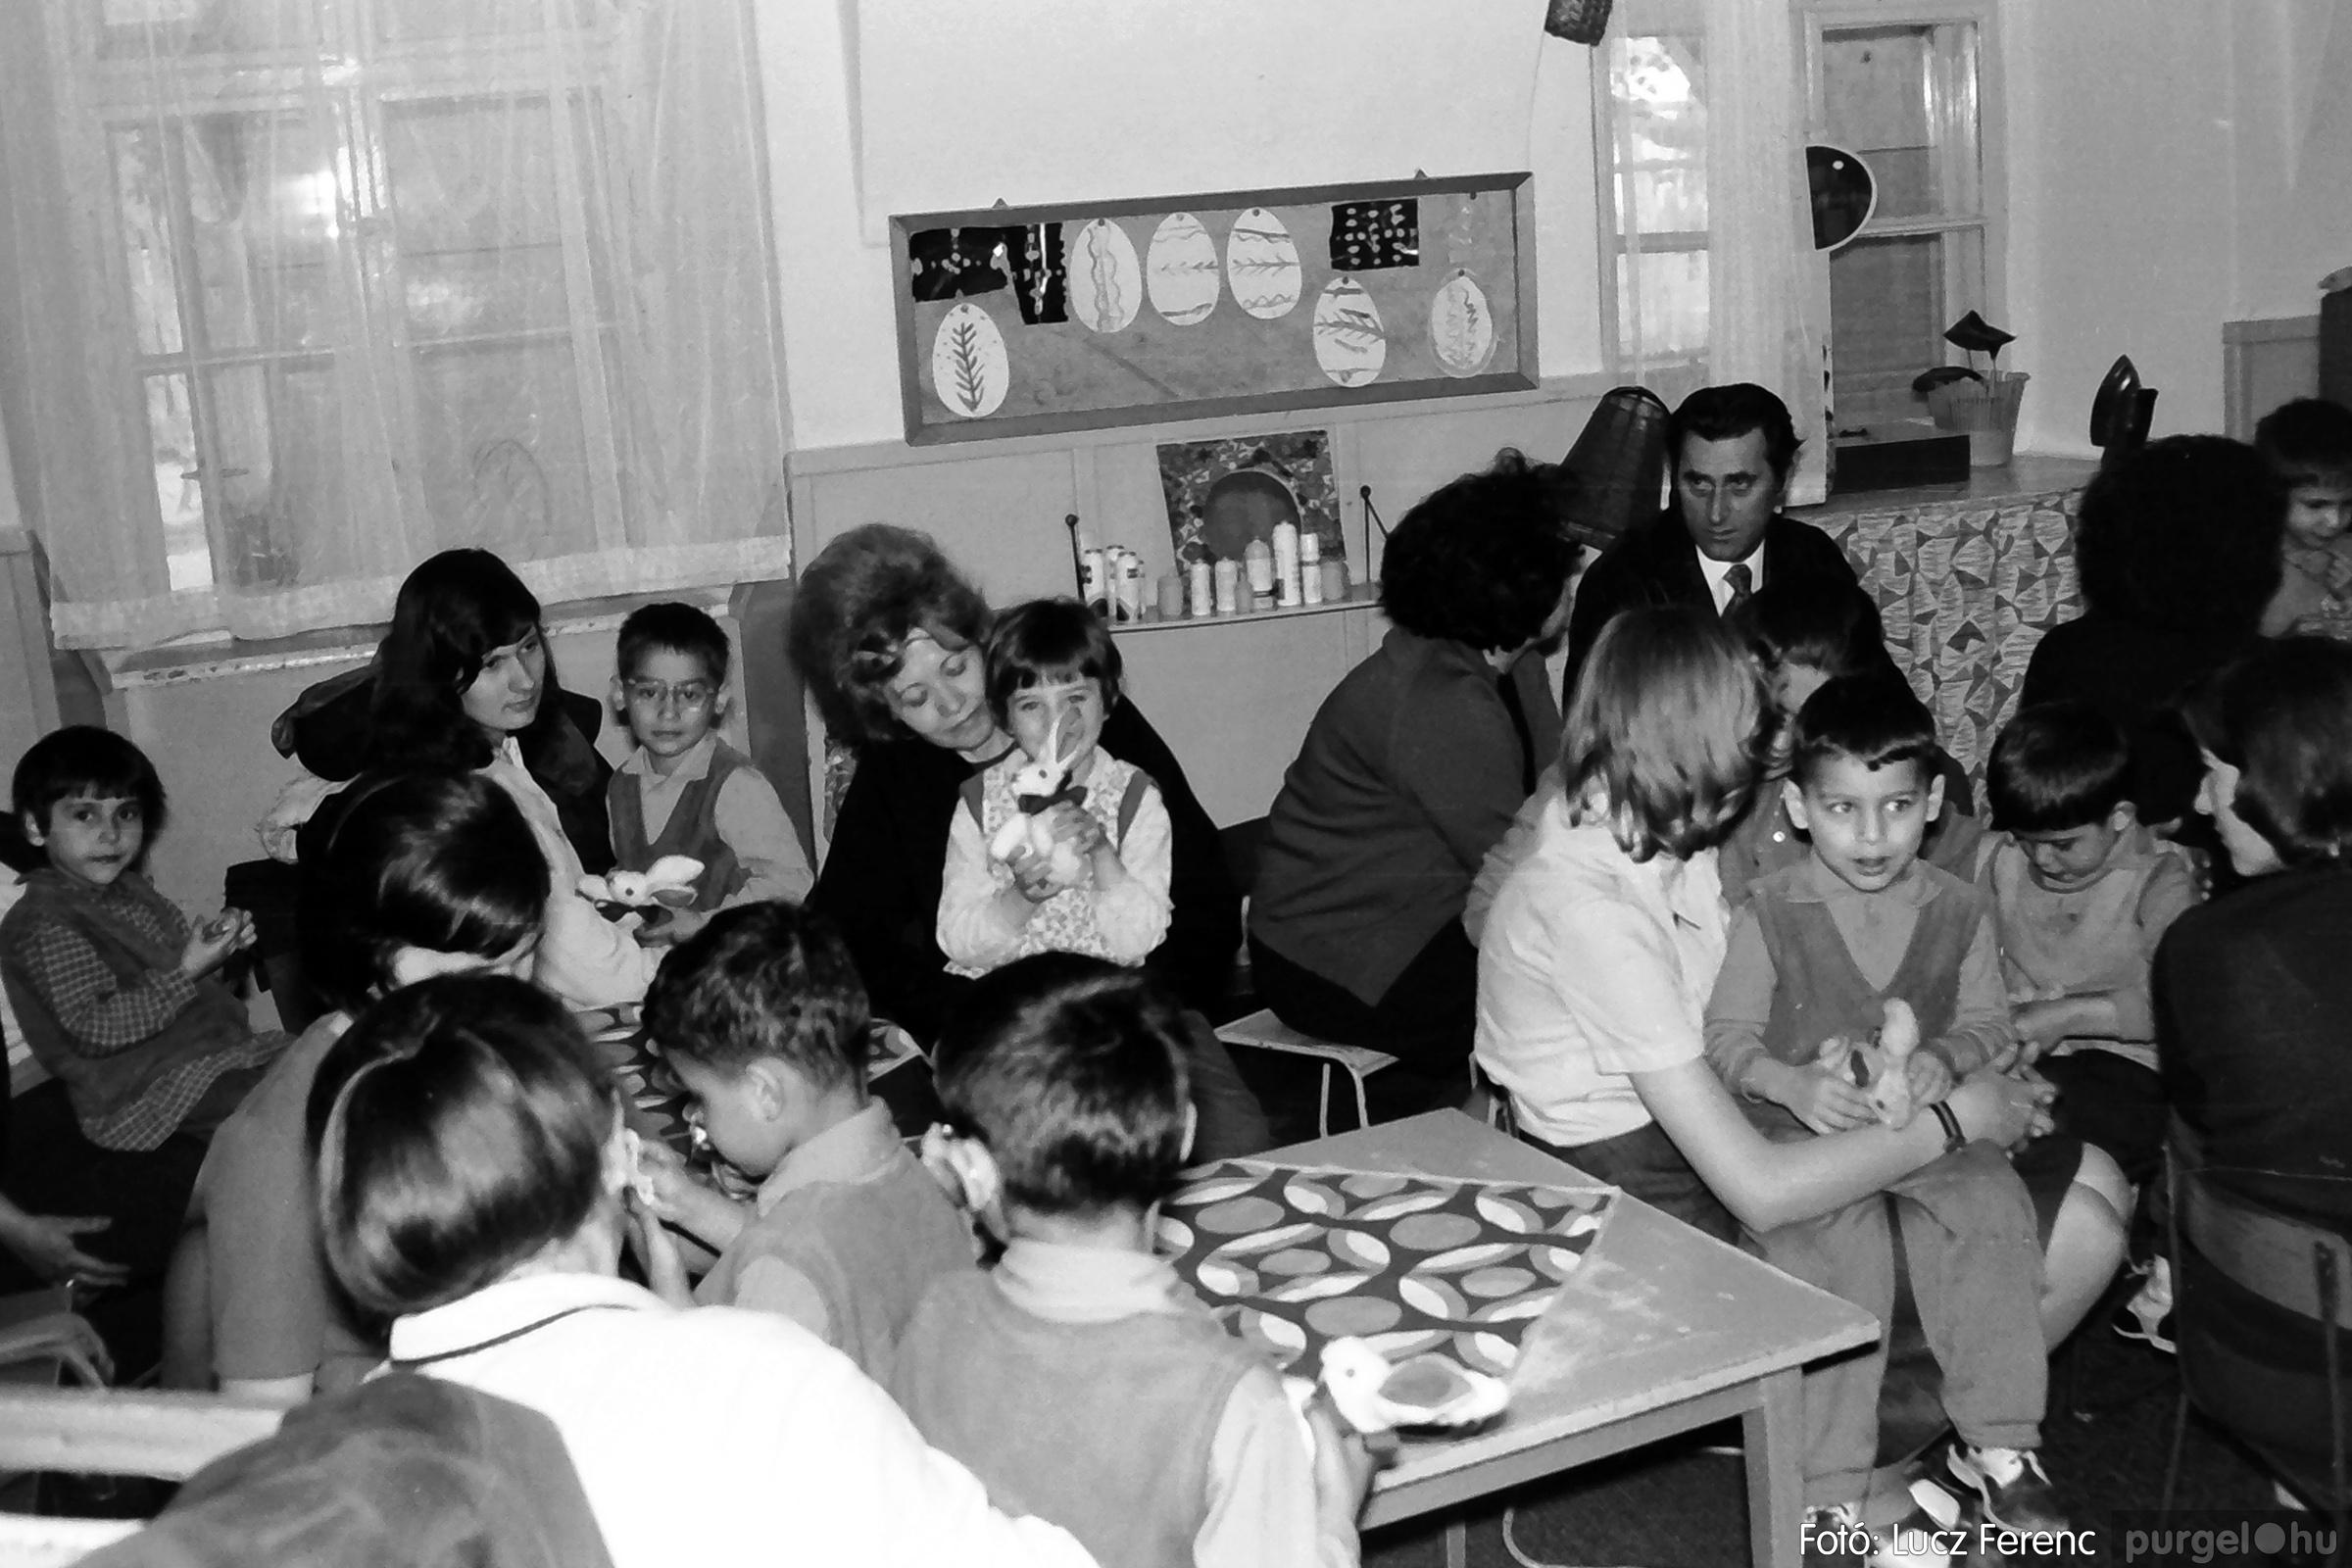 044. 1976. Látogatás a gyermekotthonban 011. - Fotó: Lucz Ferenc.jpg